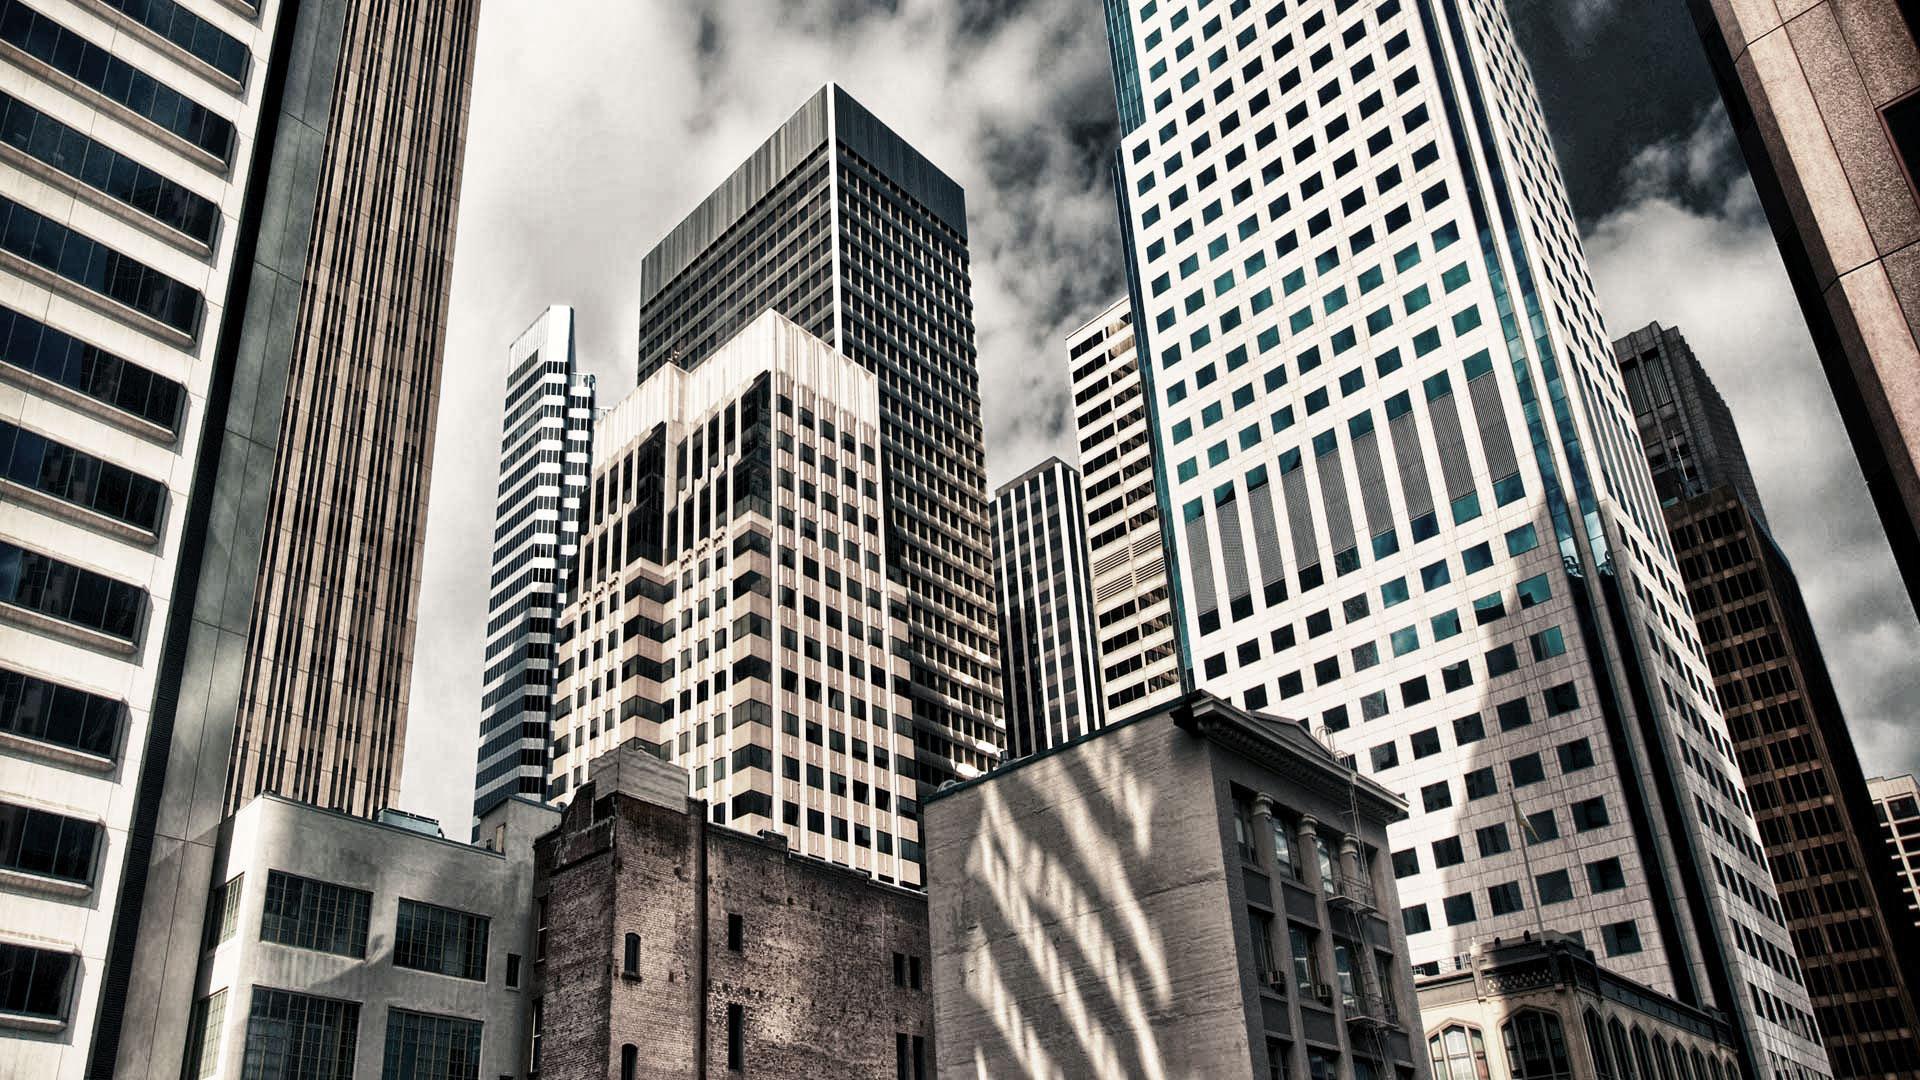 architekturfotografie.jpg